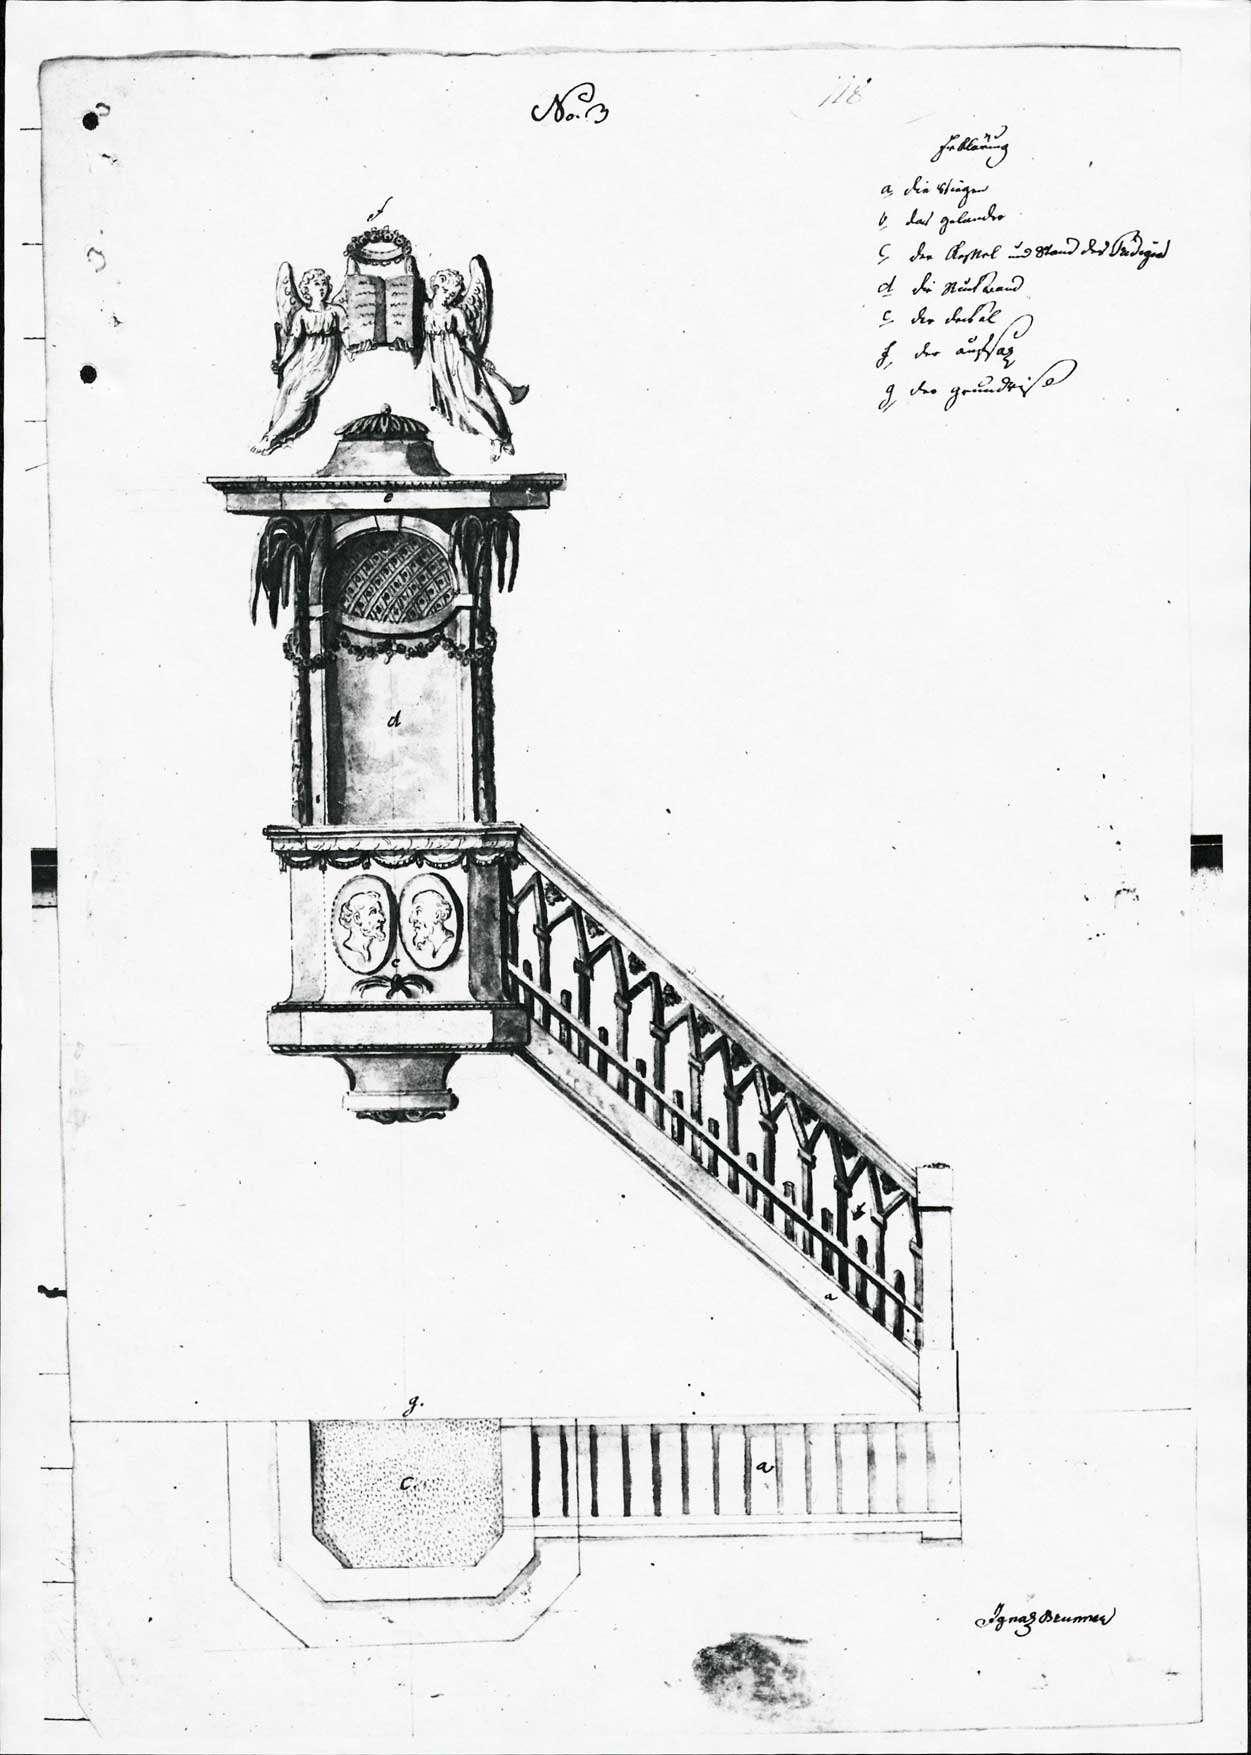 Erbauung und Unterhaltung der Pfarrkirche zu Stetten, Bild 1